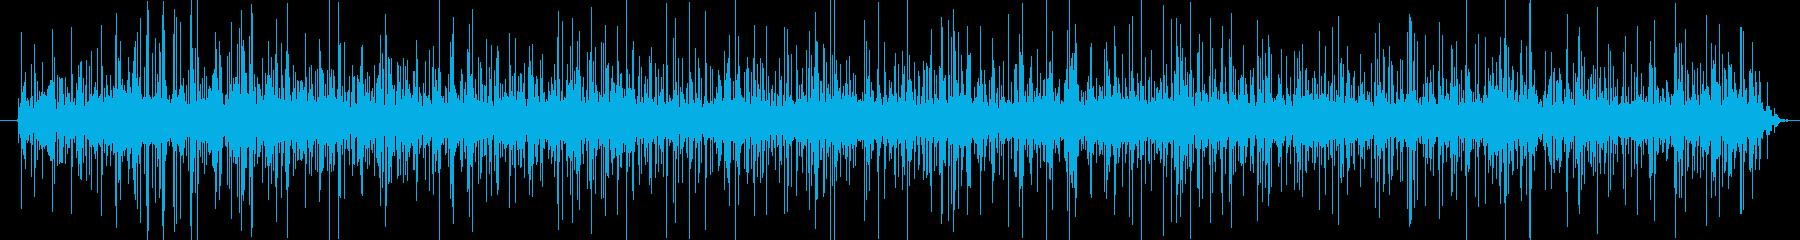 揚げ物の音(静かに揚げている)の再生済みの波形